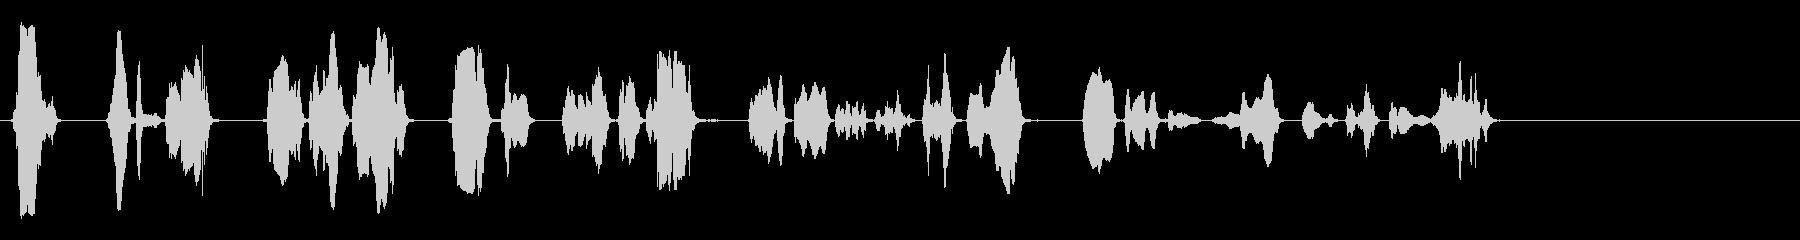 プランジャーミュートトランペット-...の未再生の波形